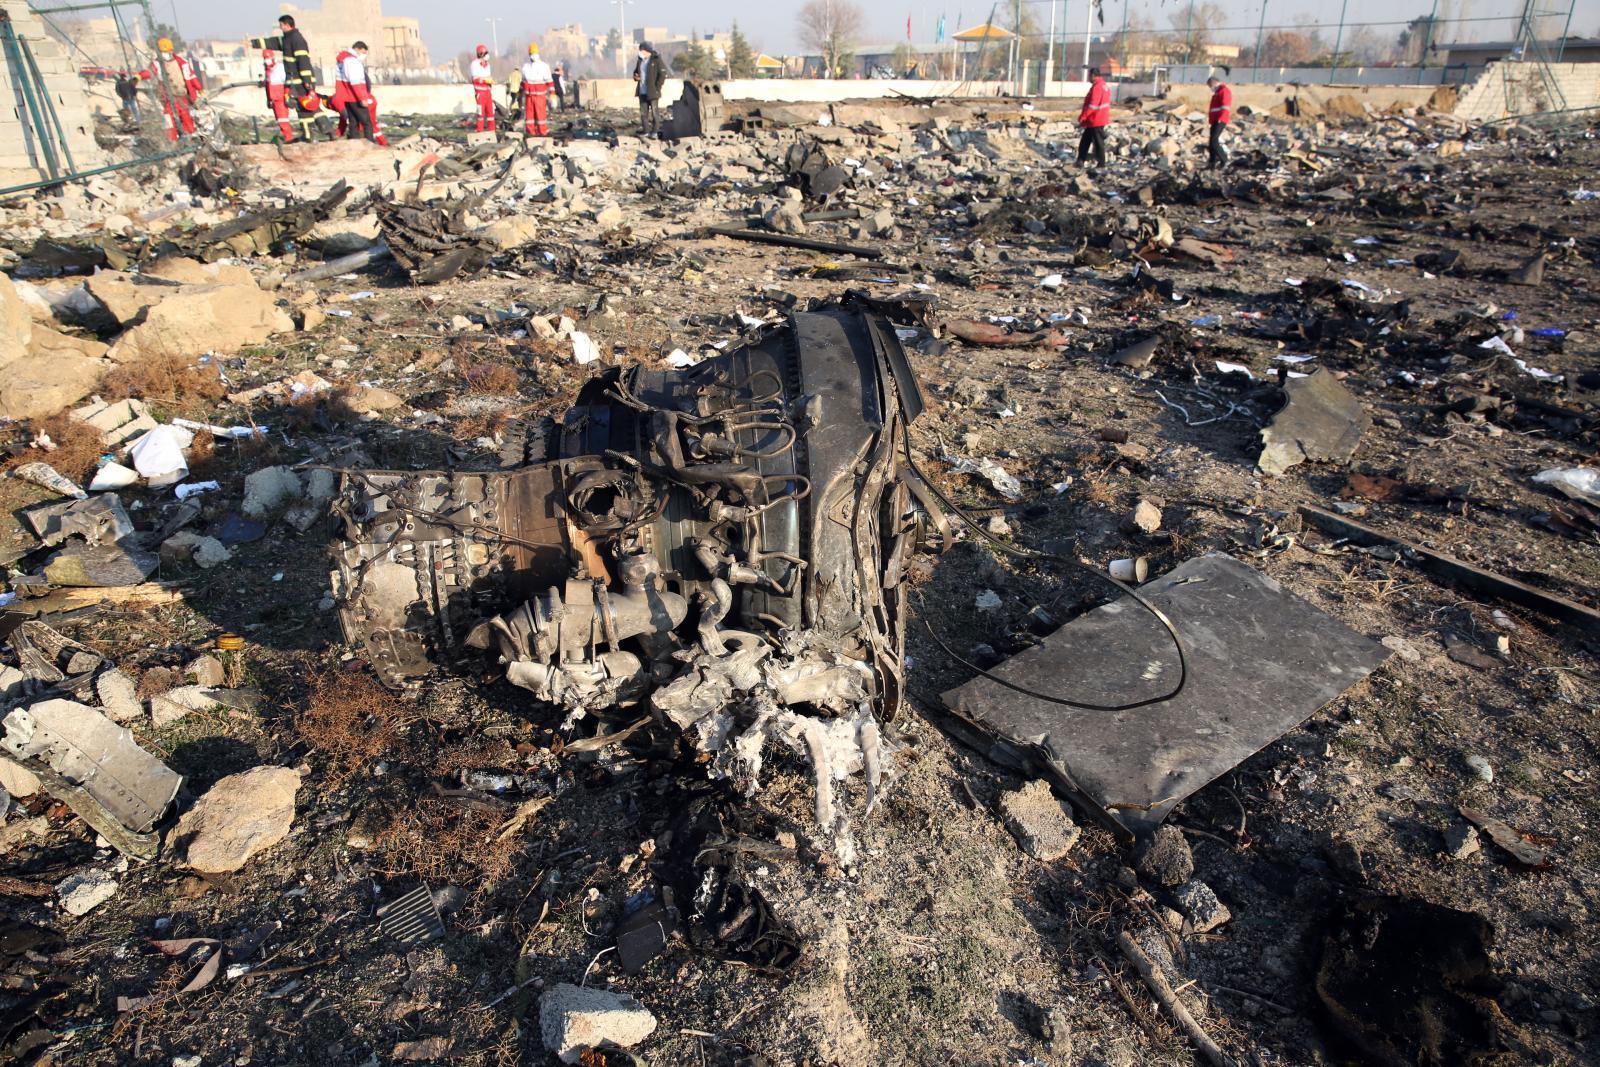 มหาวิทยาลัยแคนาดา ยืนยัน นร.-ครู-ศิษย์เก่า เสียชีวิต 10 ราย จากเหตุเครื่องบินตกในอิหร่าน